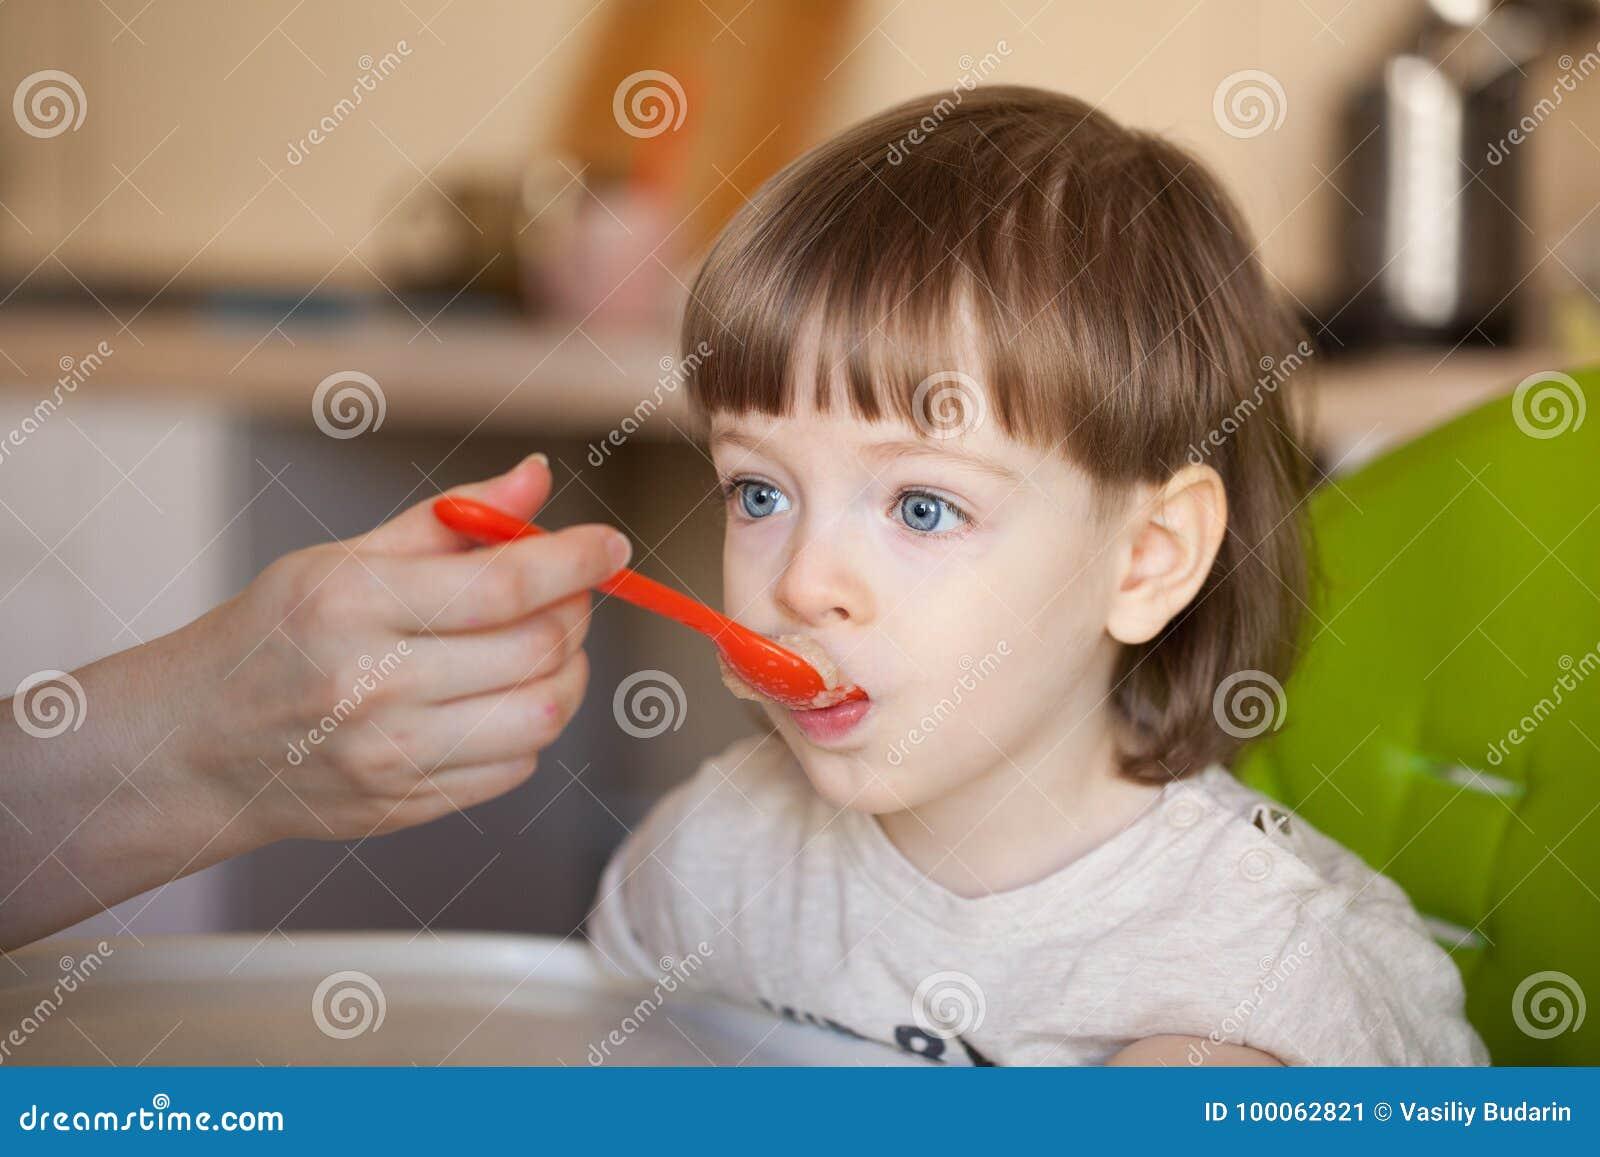 Schönes Baby Isst Brei Von Mutter S Hand Die Mutter Zieht Den Sohn